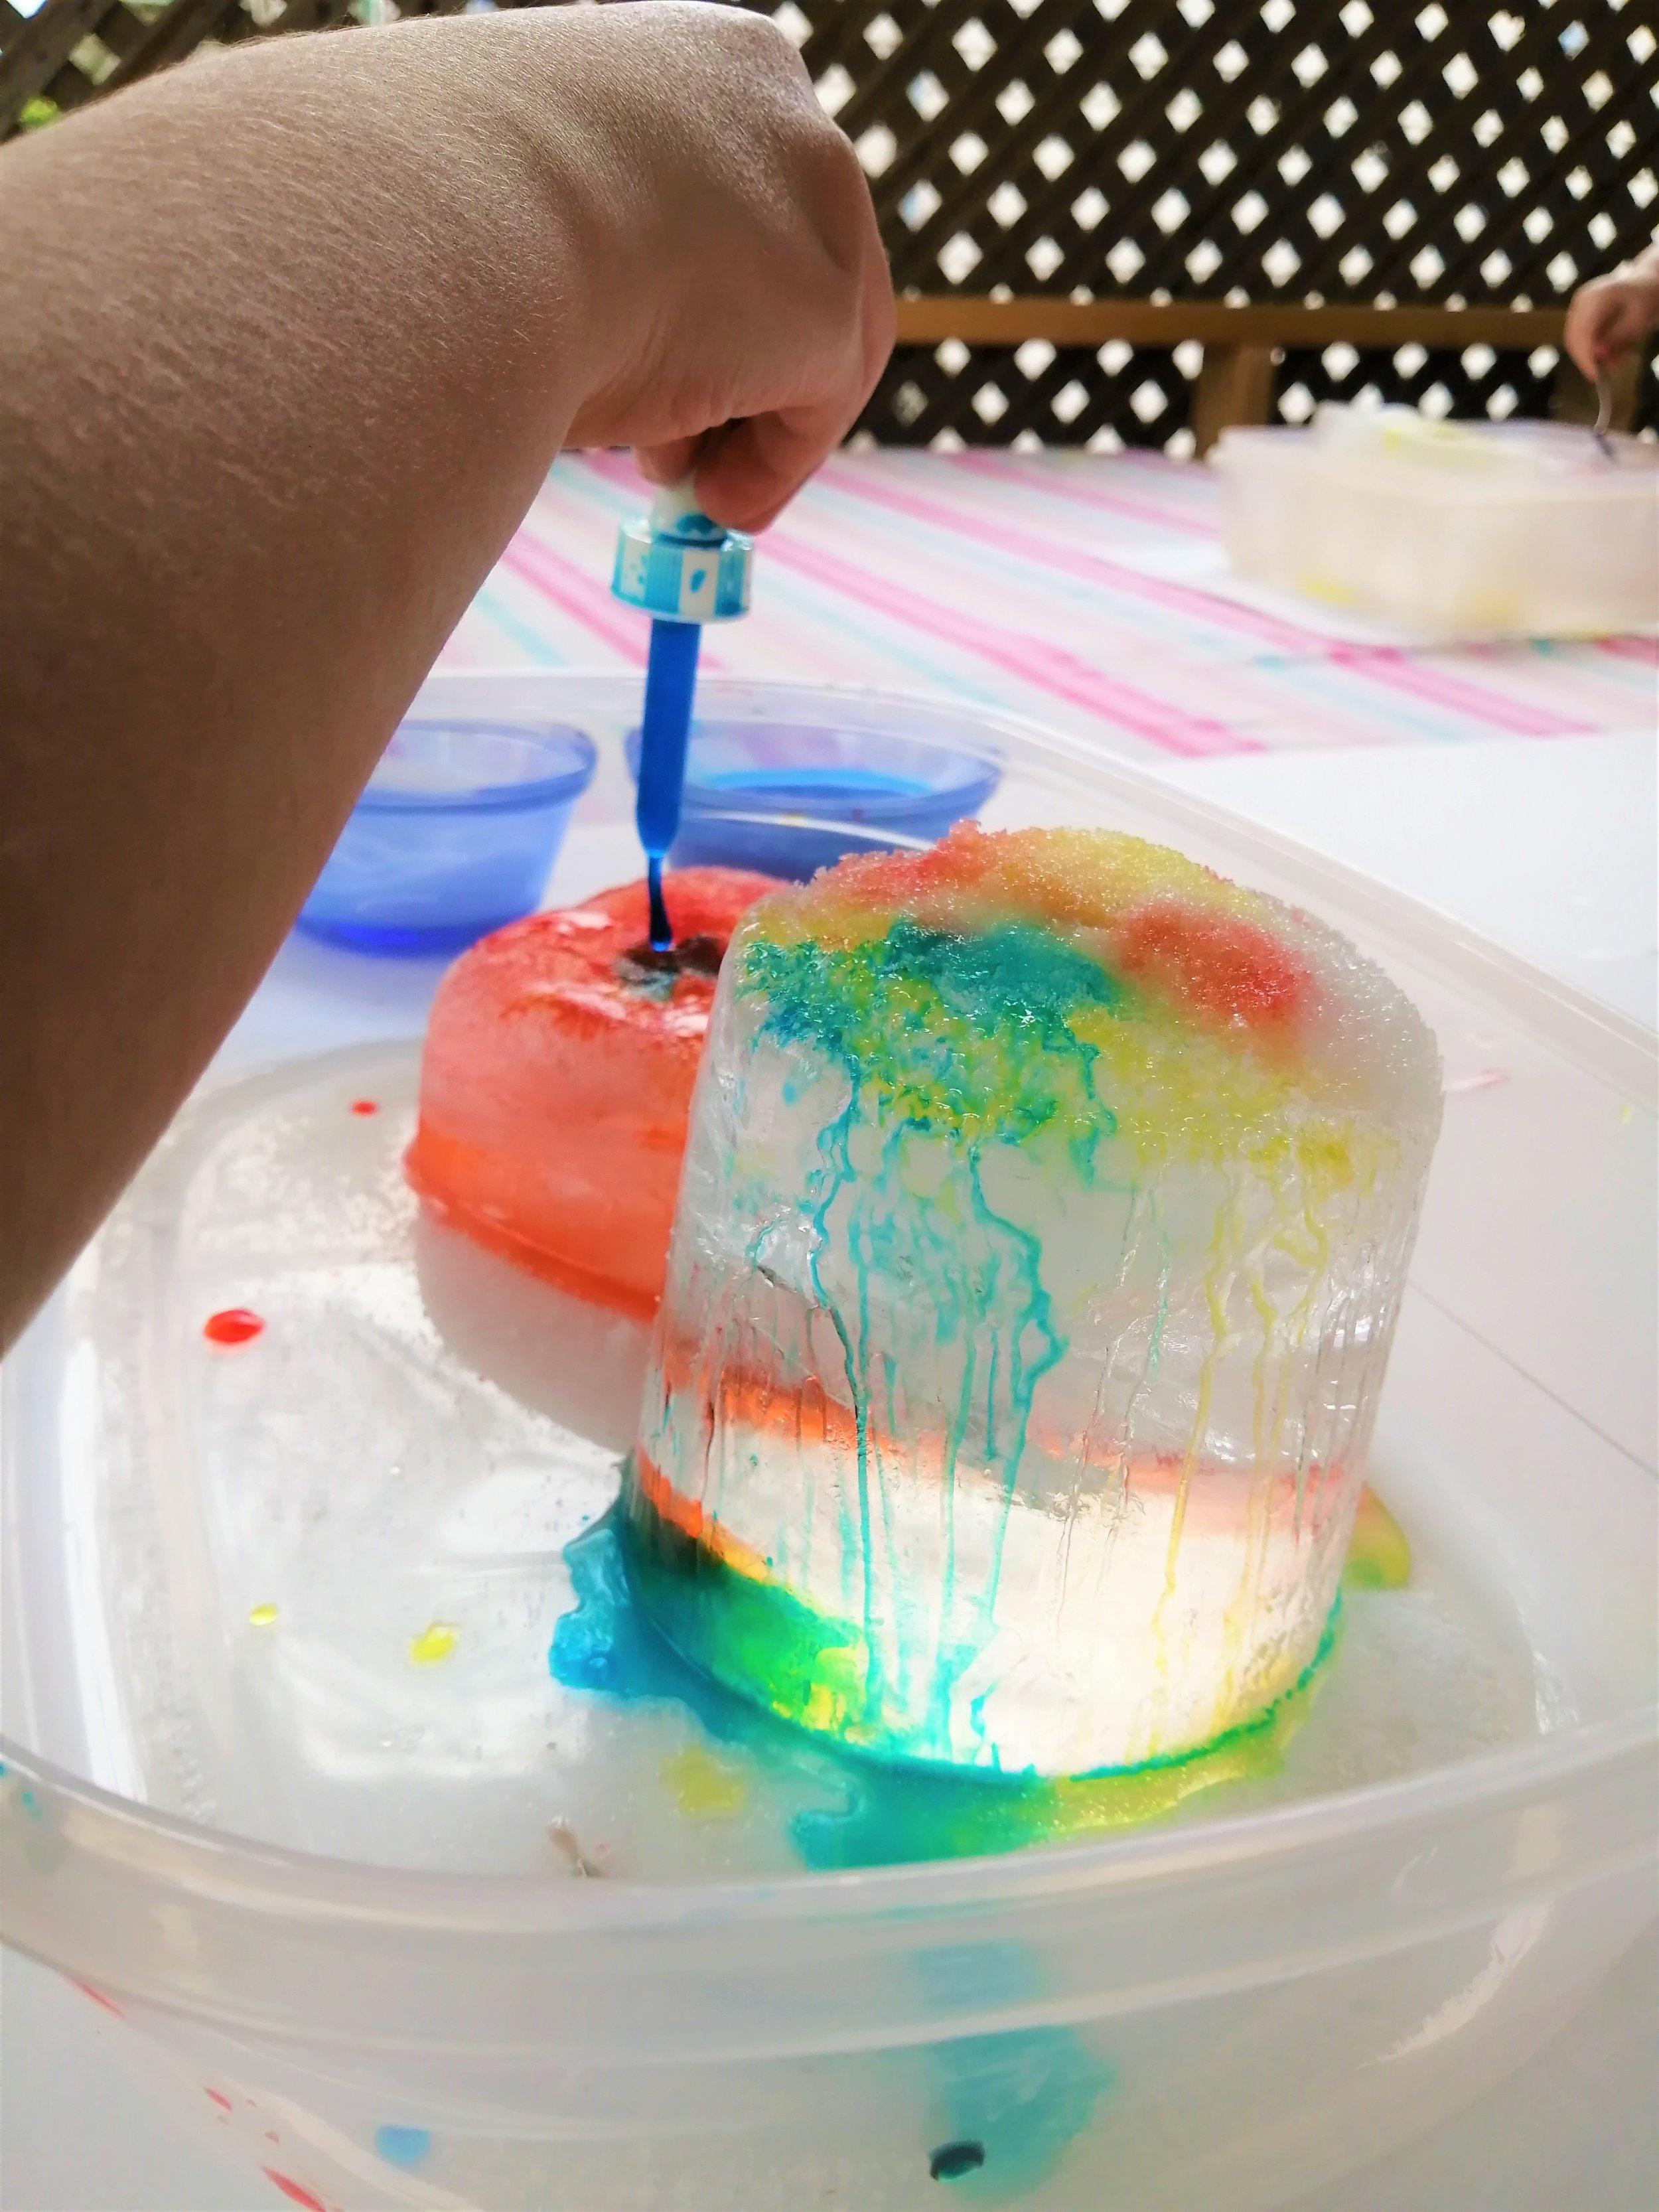 activité-enfant-famille-expérience-maman-bricole-fonte-des-glaces-colorée